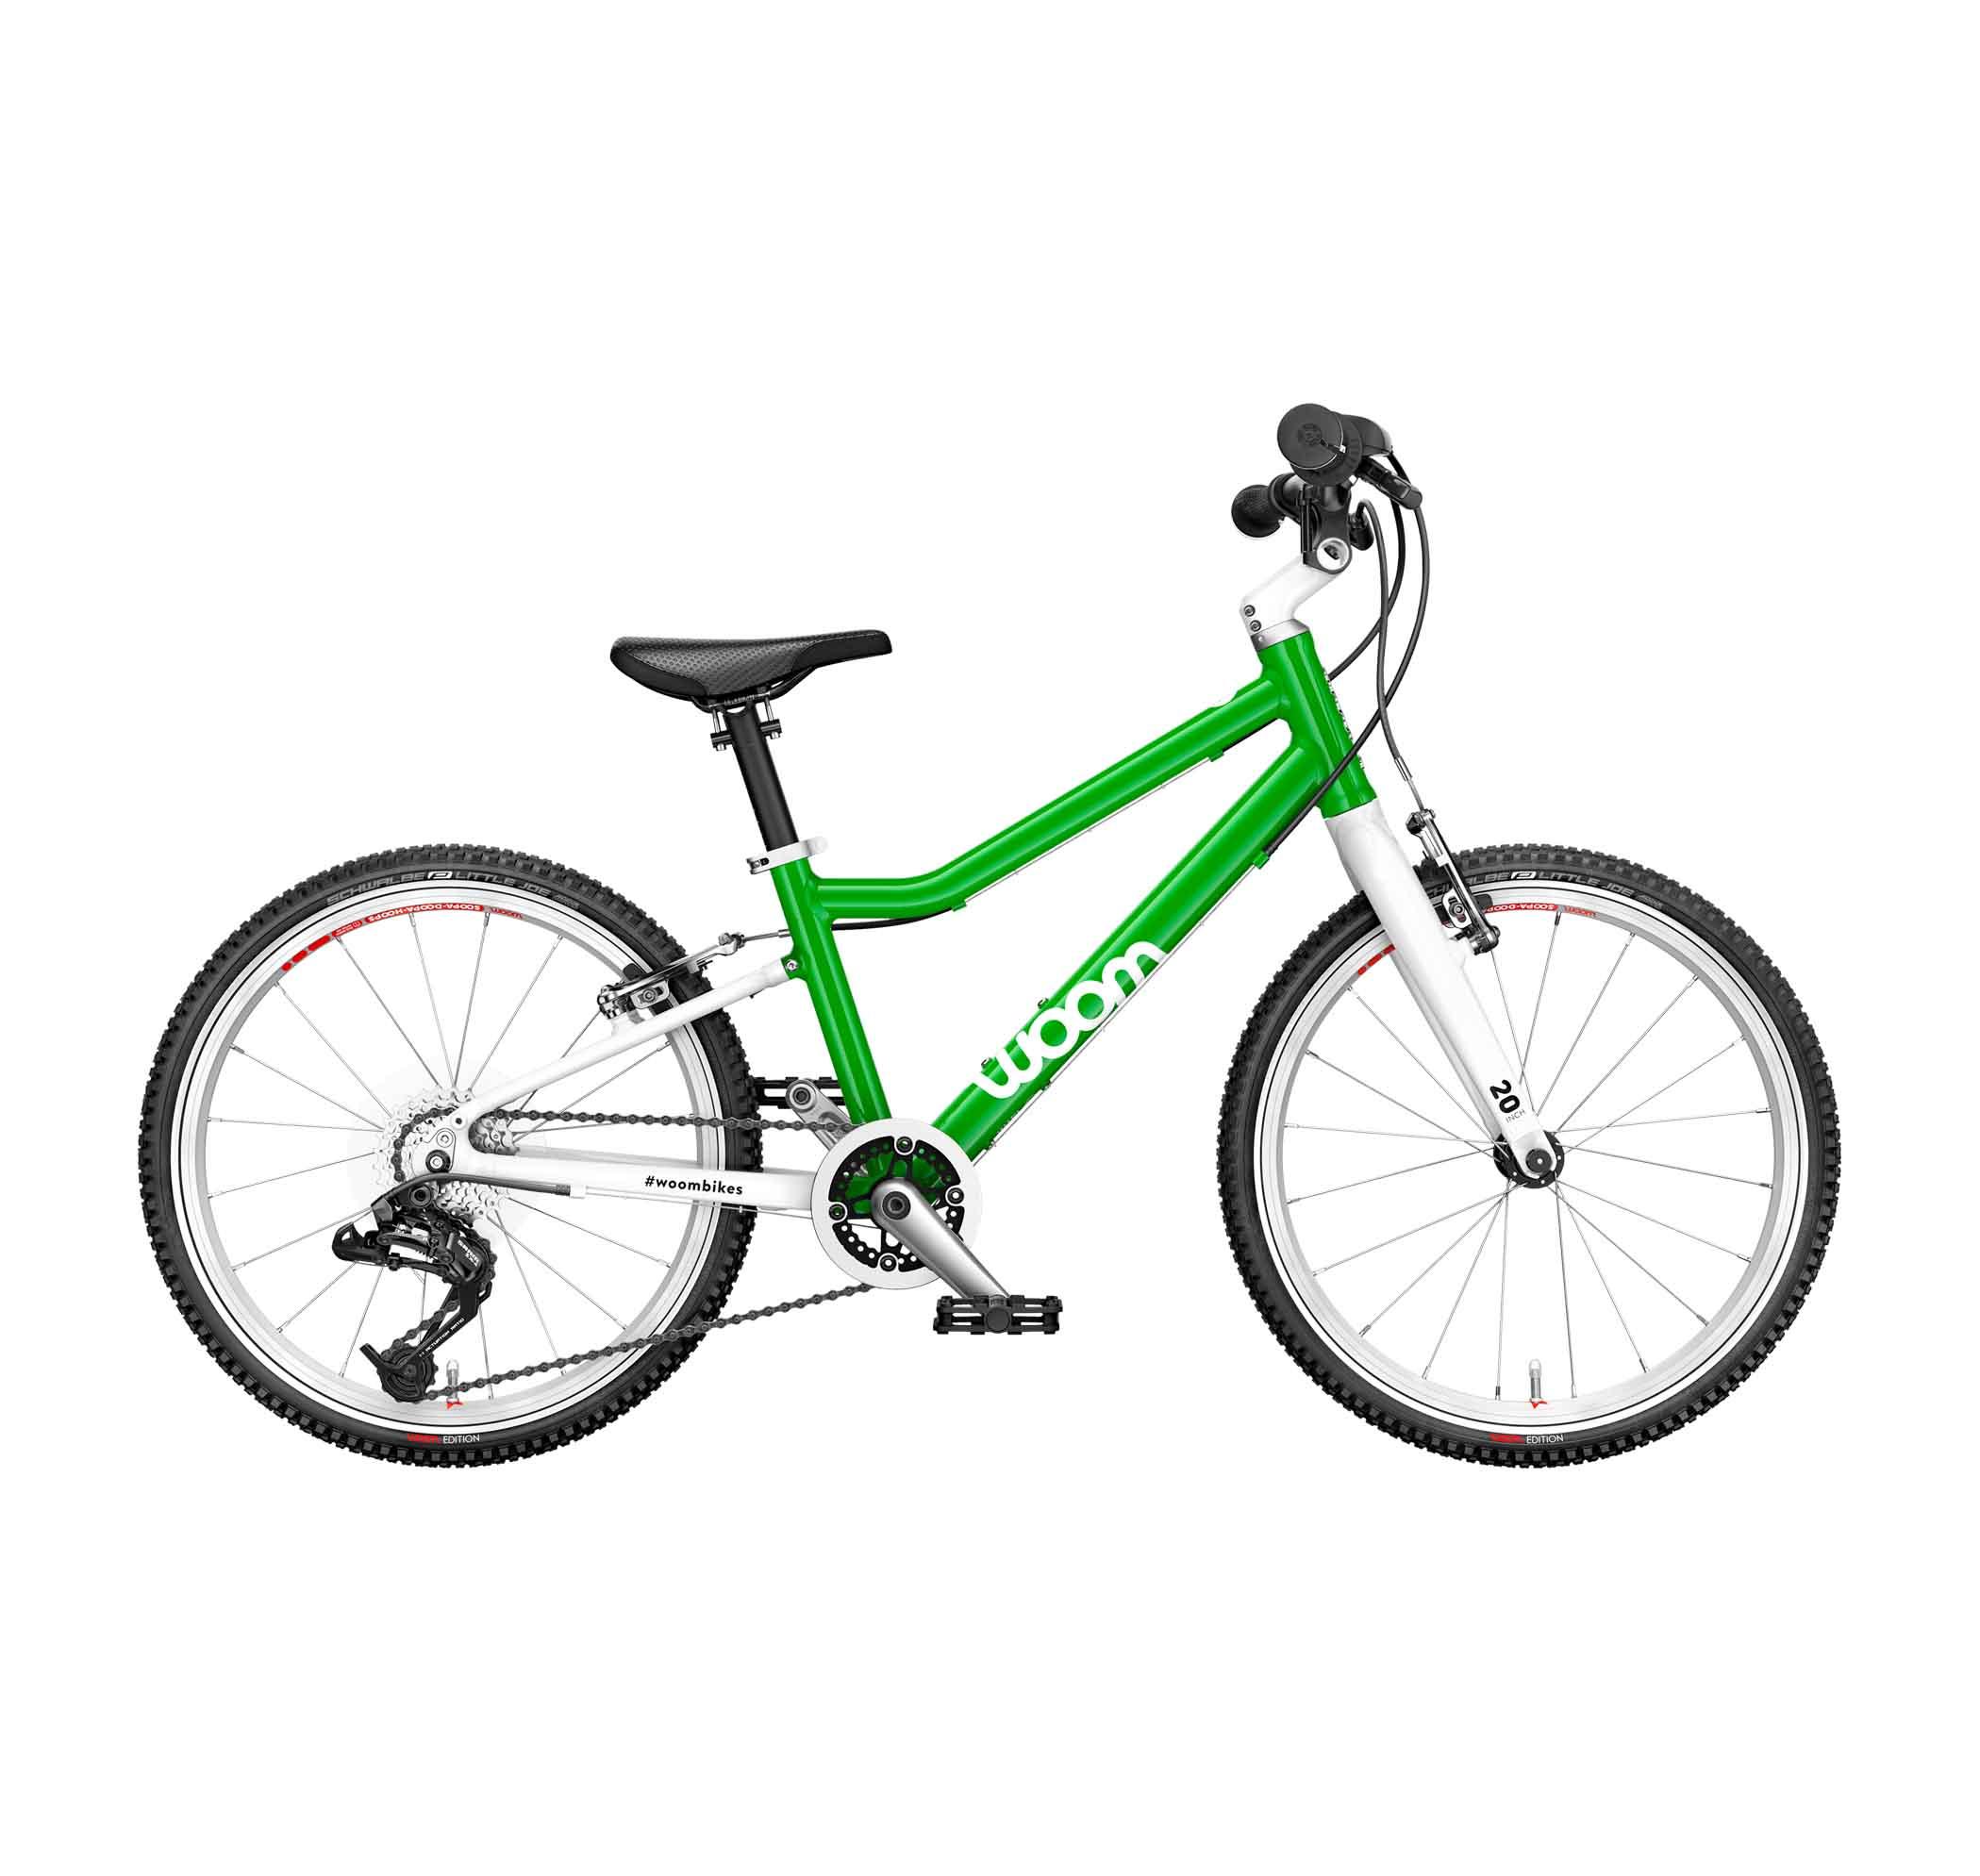 Woom_Rodeo_Bike_Woom_4_Green